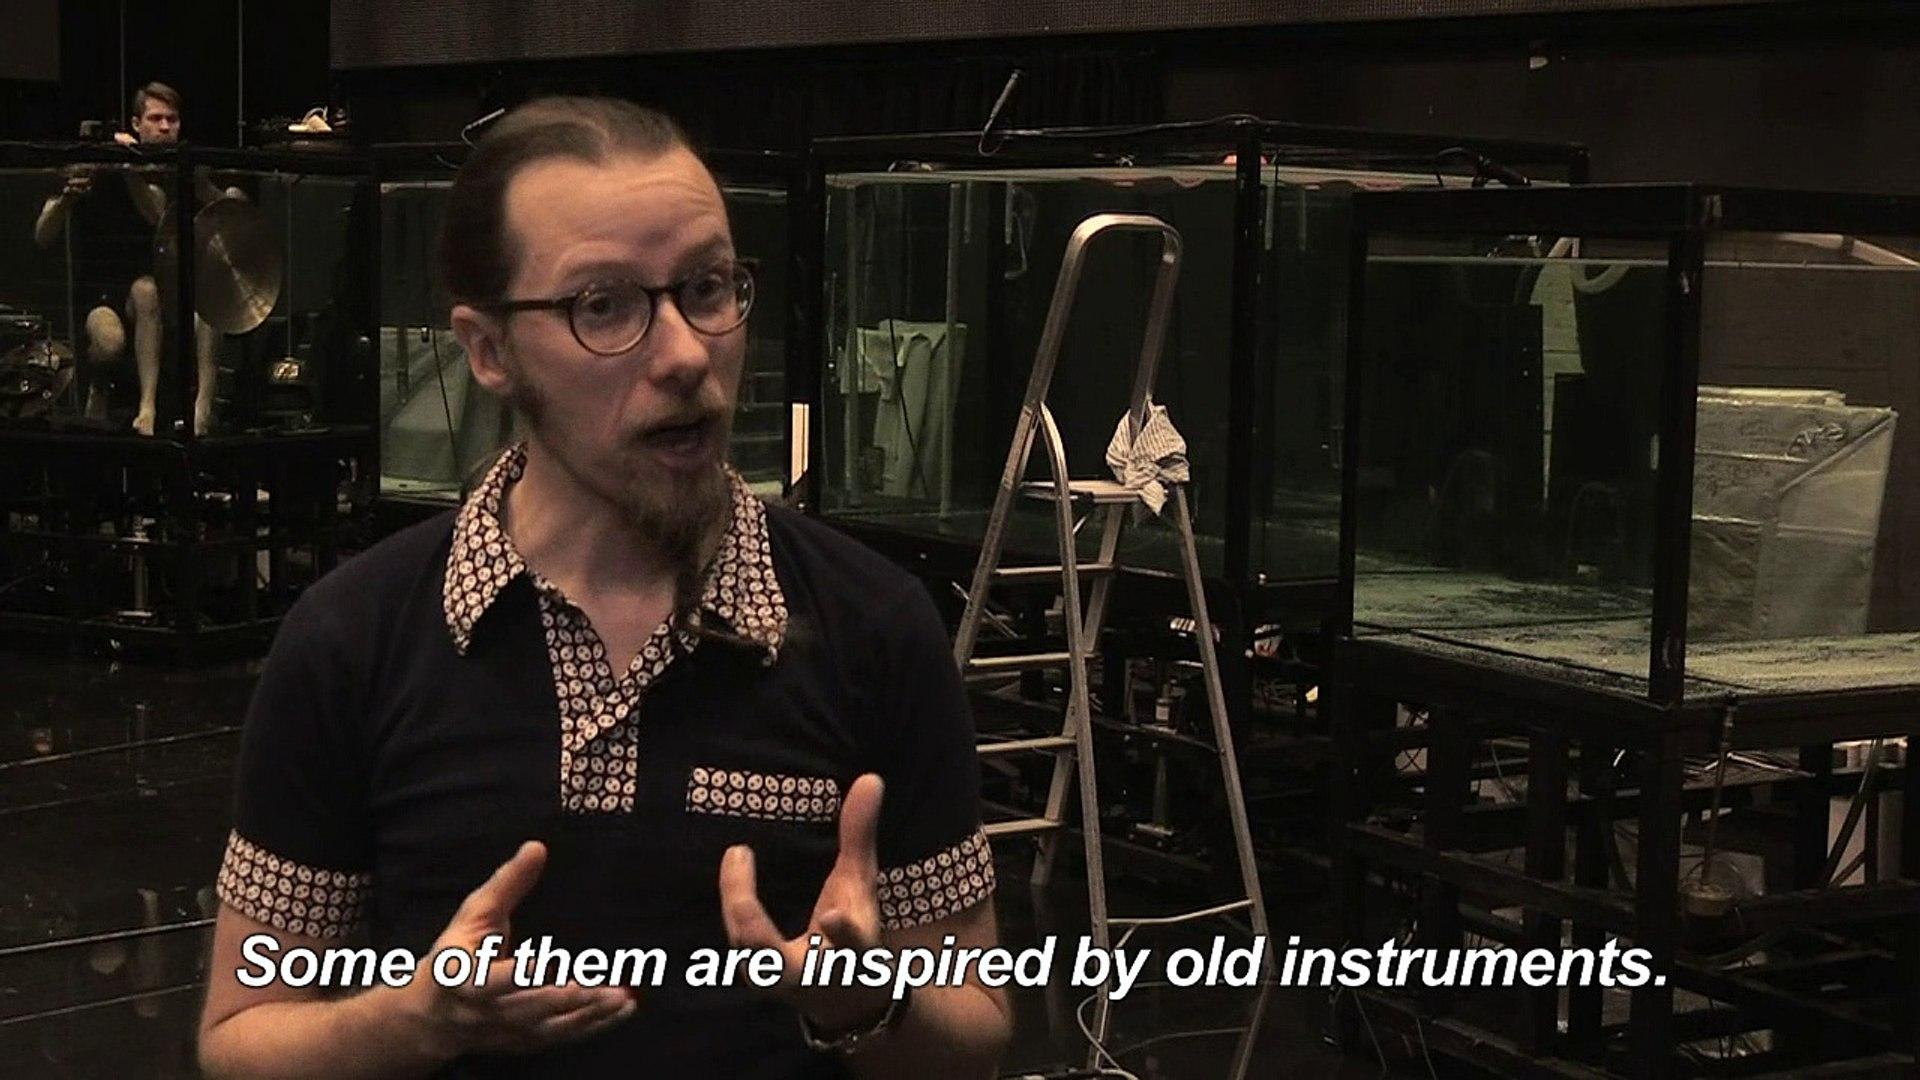 Danish musicians push boundaries with underwater show